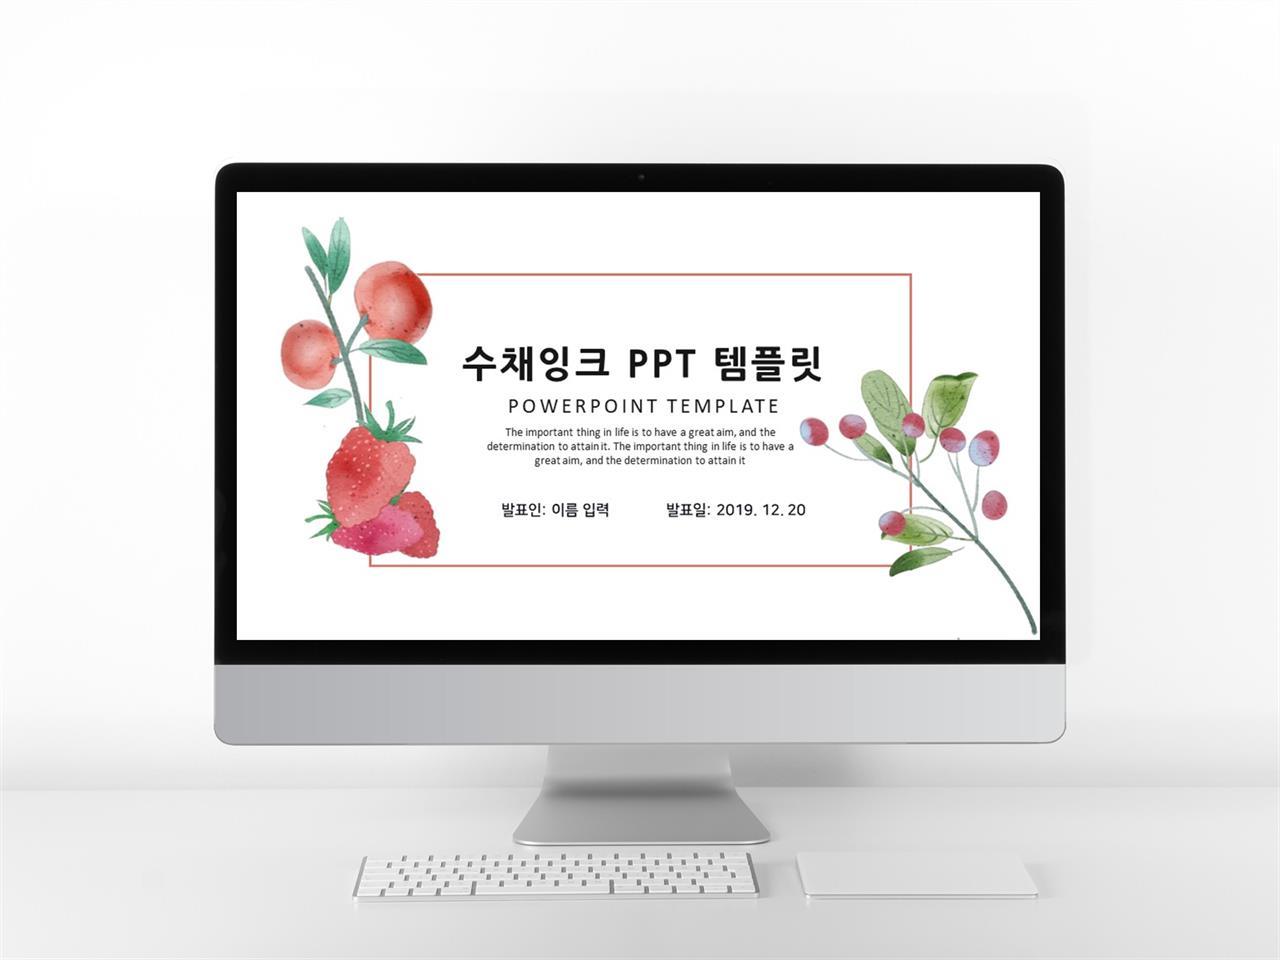 꽃과 동식물 주제 레드색 자재화 고급형 PPT배경 디자인 미리보기